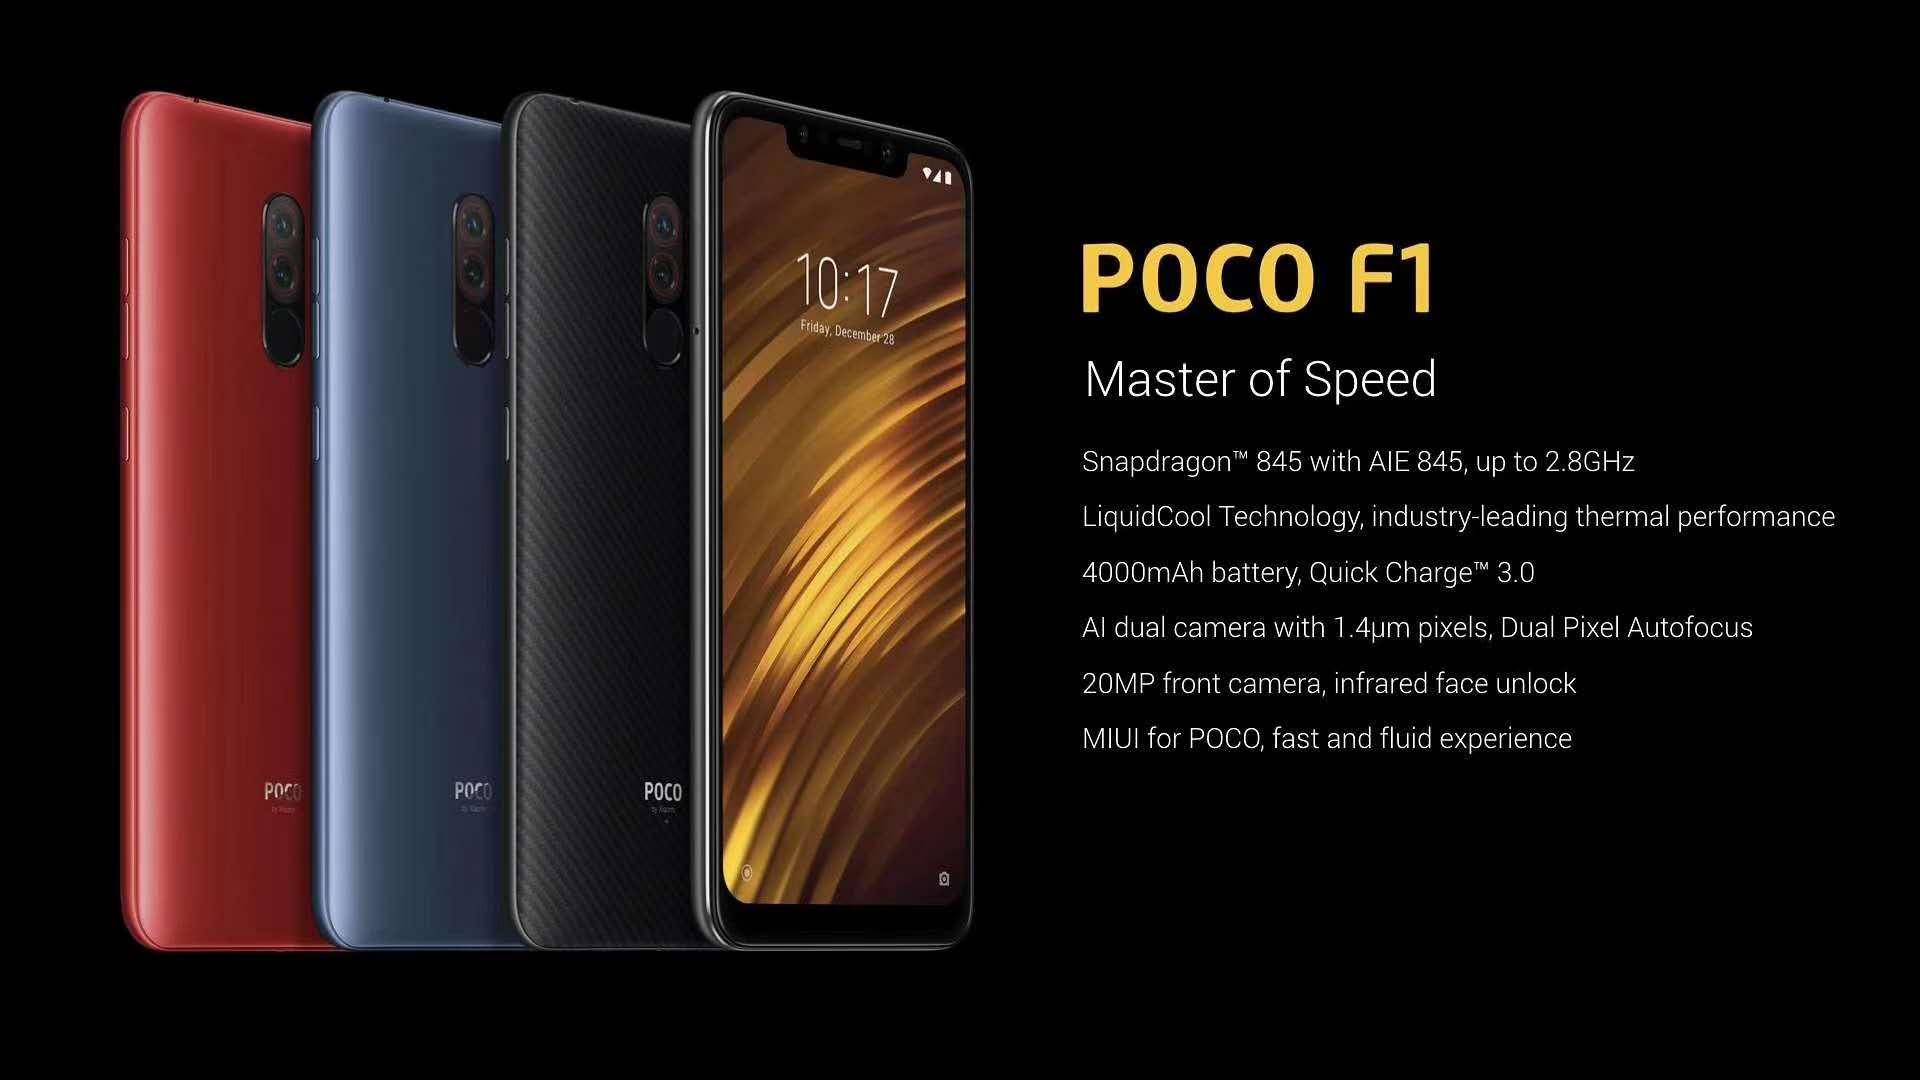 小米手机海外推全新子品牌POCO 未来将双品牌运作